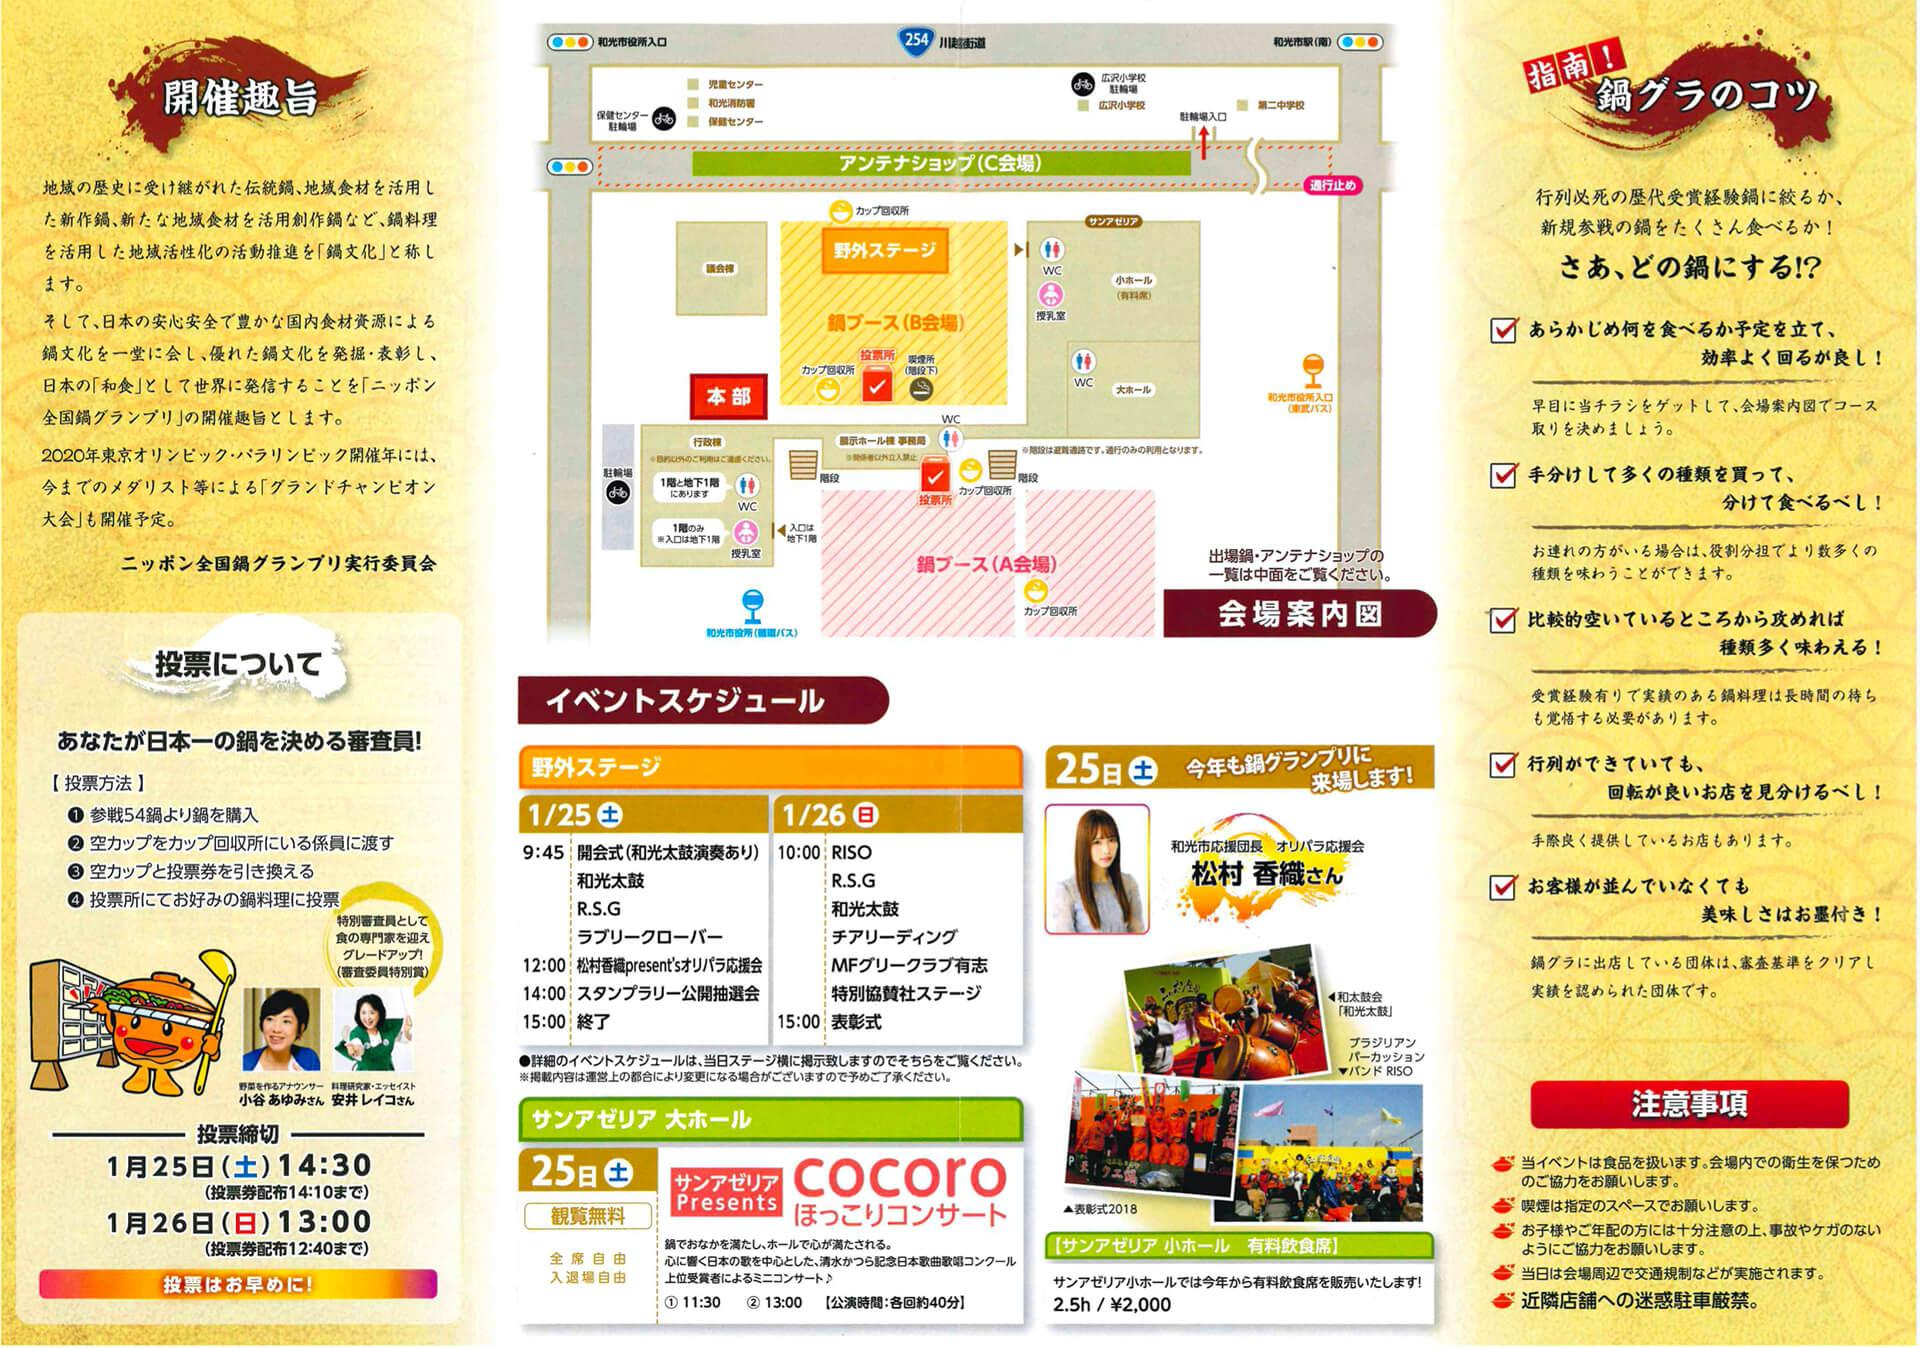 ニッポン全国鍋グランプリ2020会場マップ